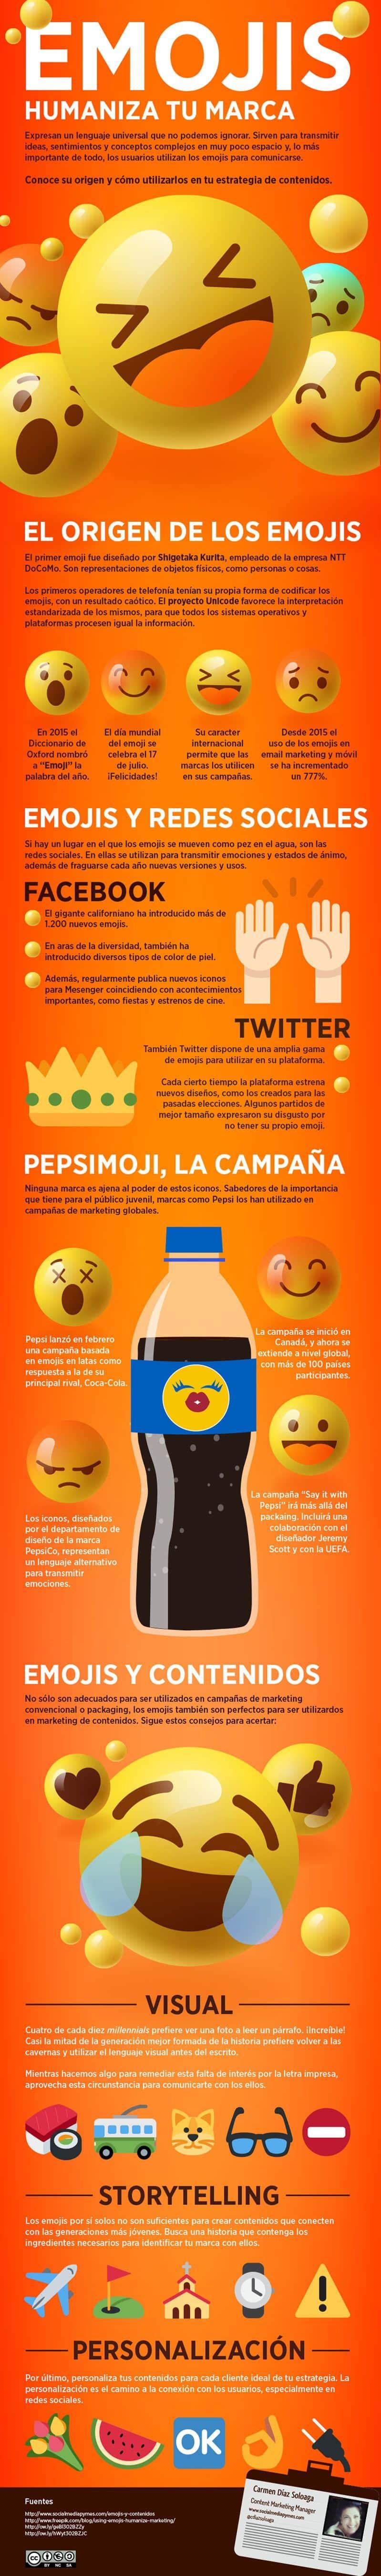 Cómo utilizar los emojis y contenidos para humanizar tu marca.